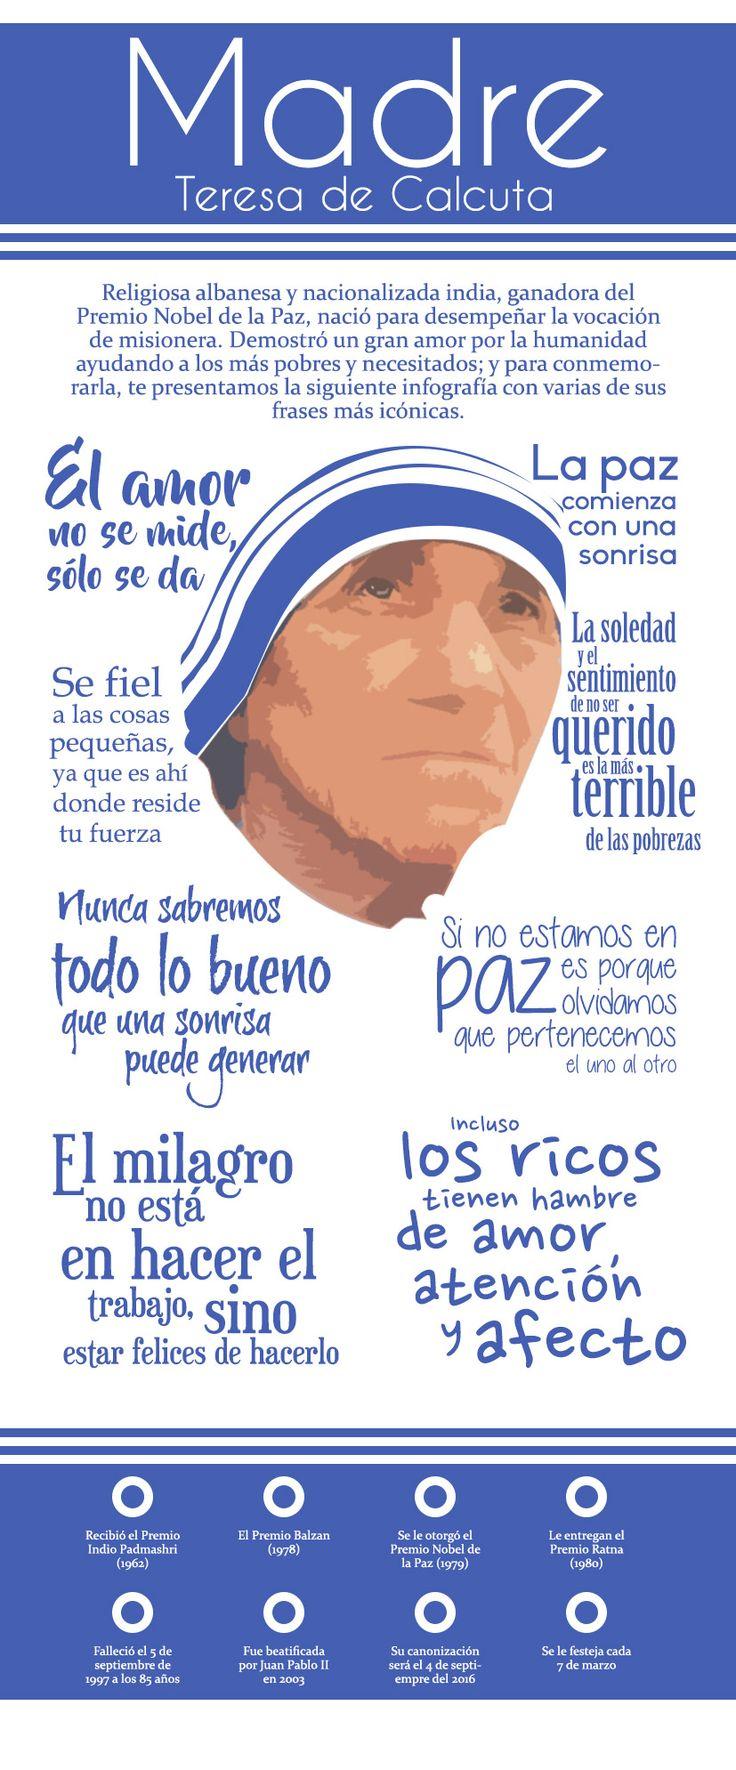 En memória a la vida de la Madre Teresa de Calcuta, te presentamos algunas de sus frases